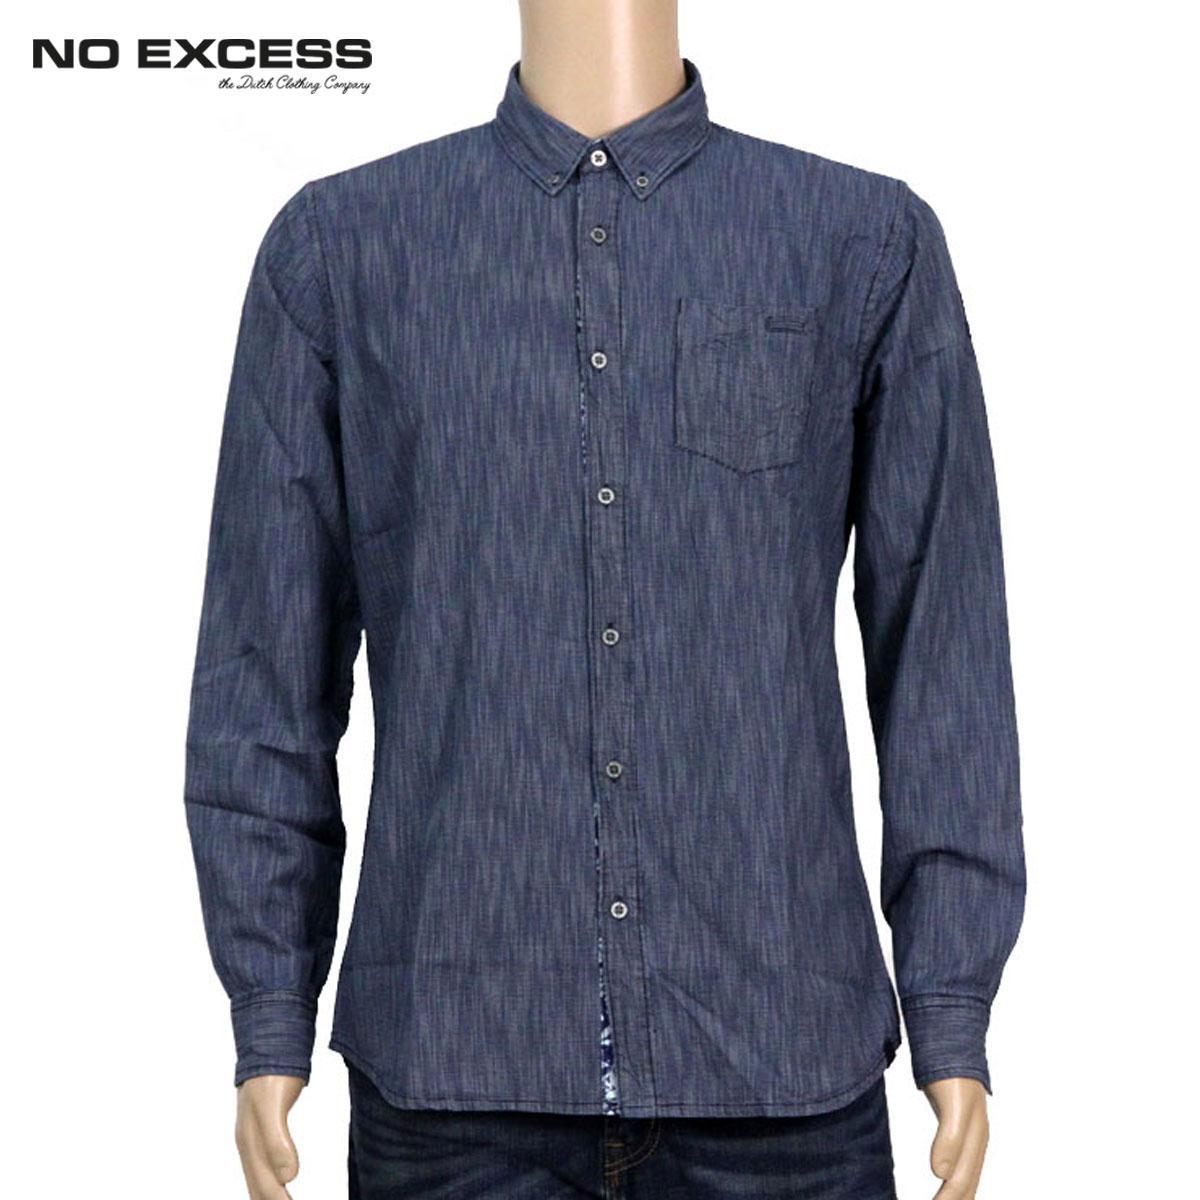 ノーエクセス NO EXCESS 正規販売店 メンズ 長袖シャツ INDIGO SPECIAL WEAVE LONG SLEEVE SHIRT 430260 033 D15S25